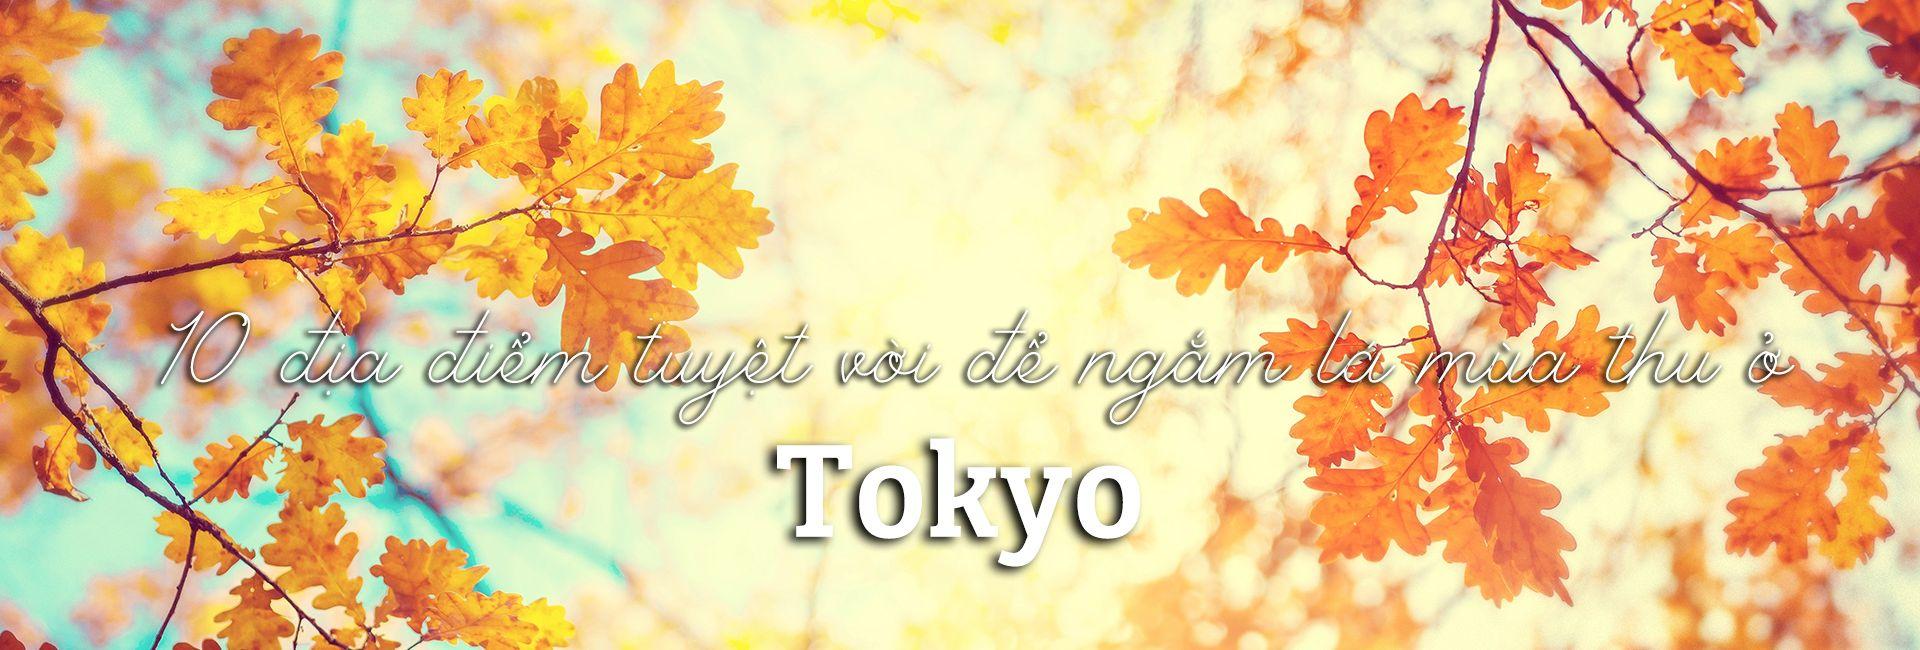 Top 10 địa điểm tuyệt vời để ngắm lá mùa thu ở Tokyo